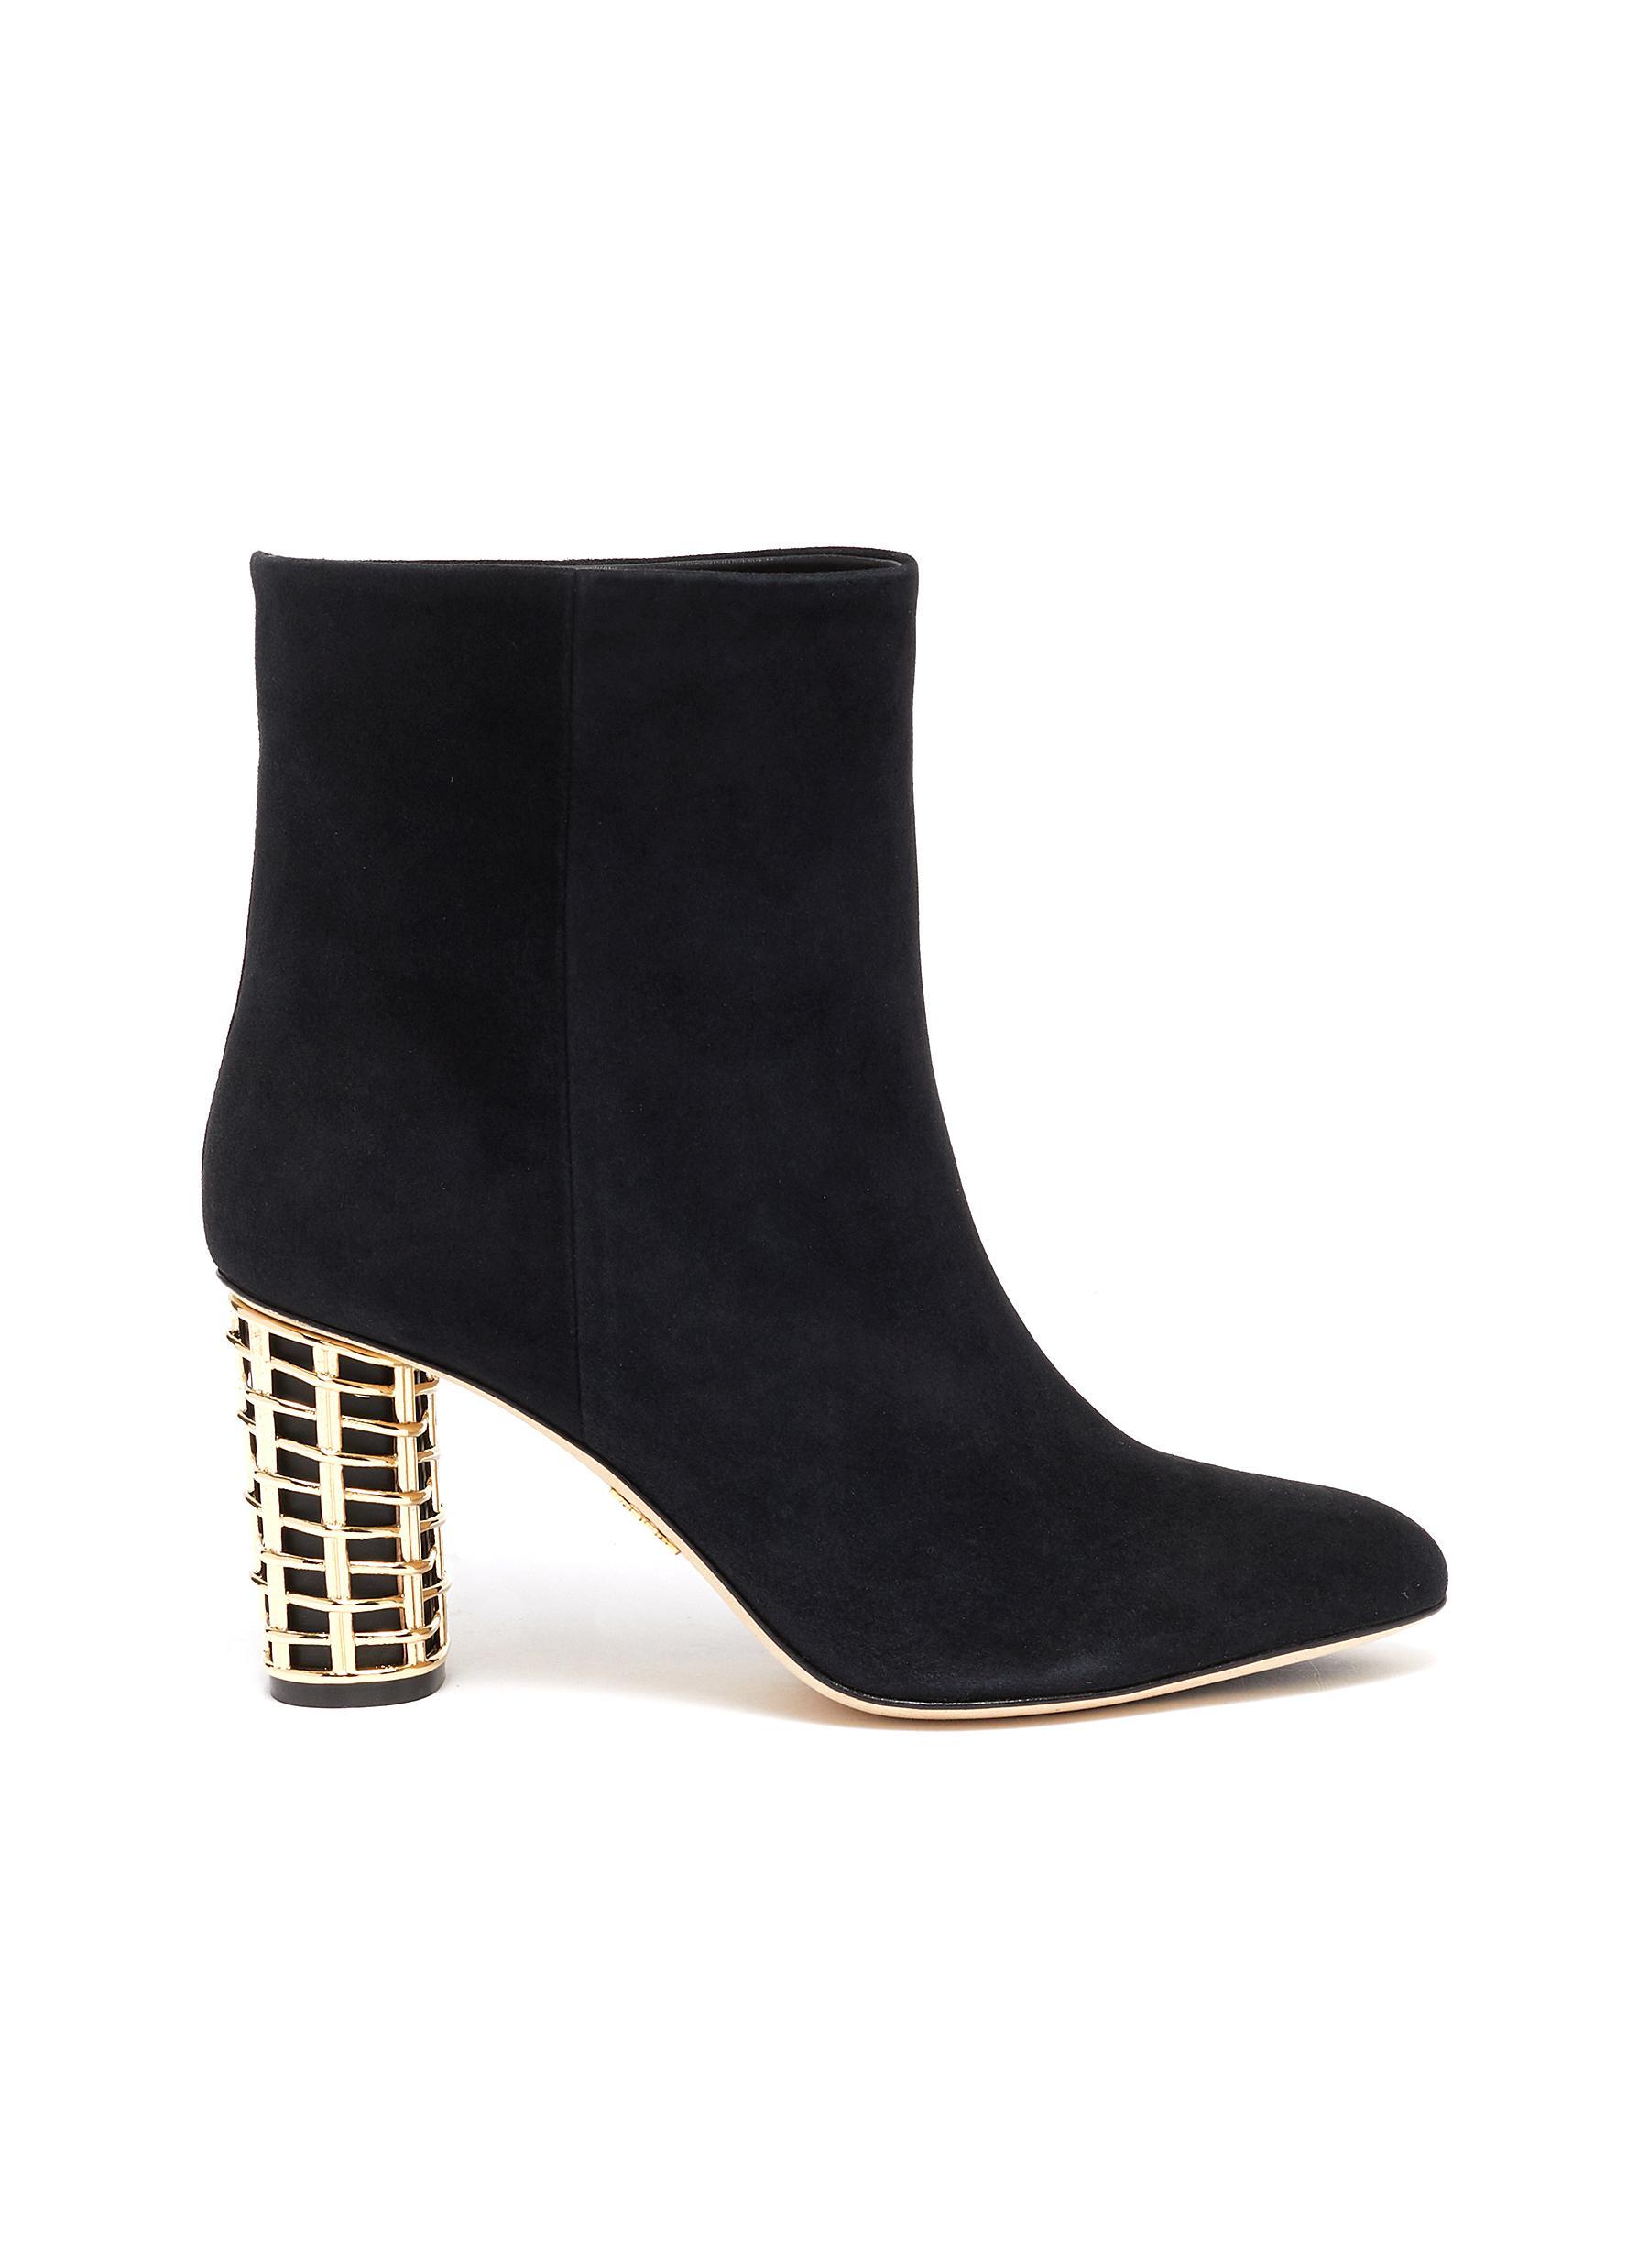 Metallic heel suede boots by Rodo